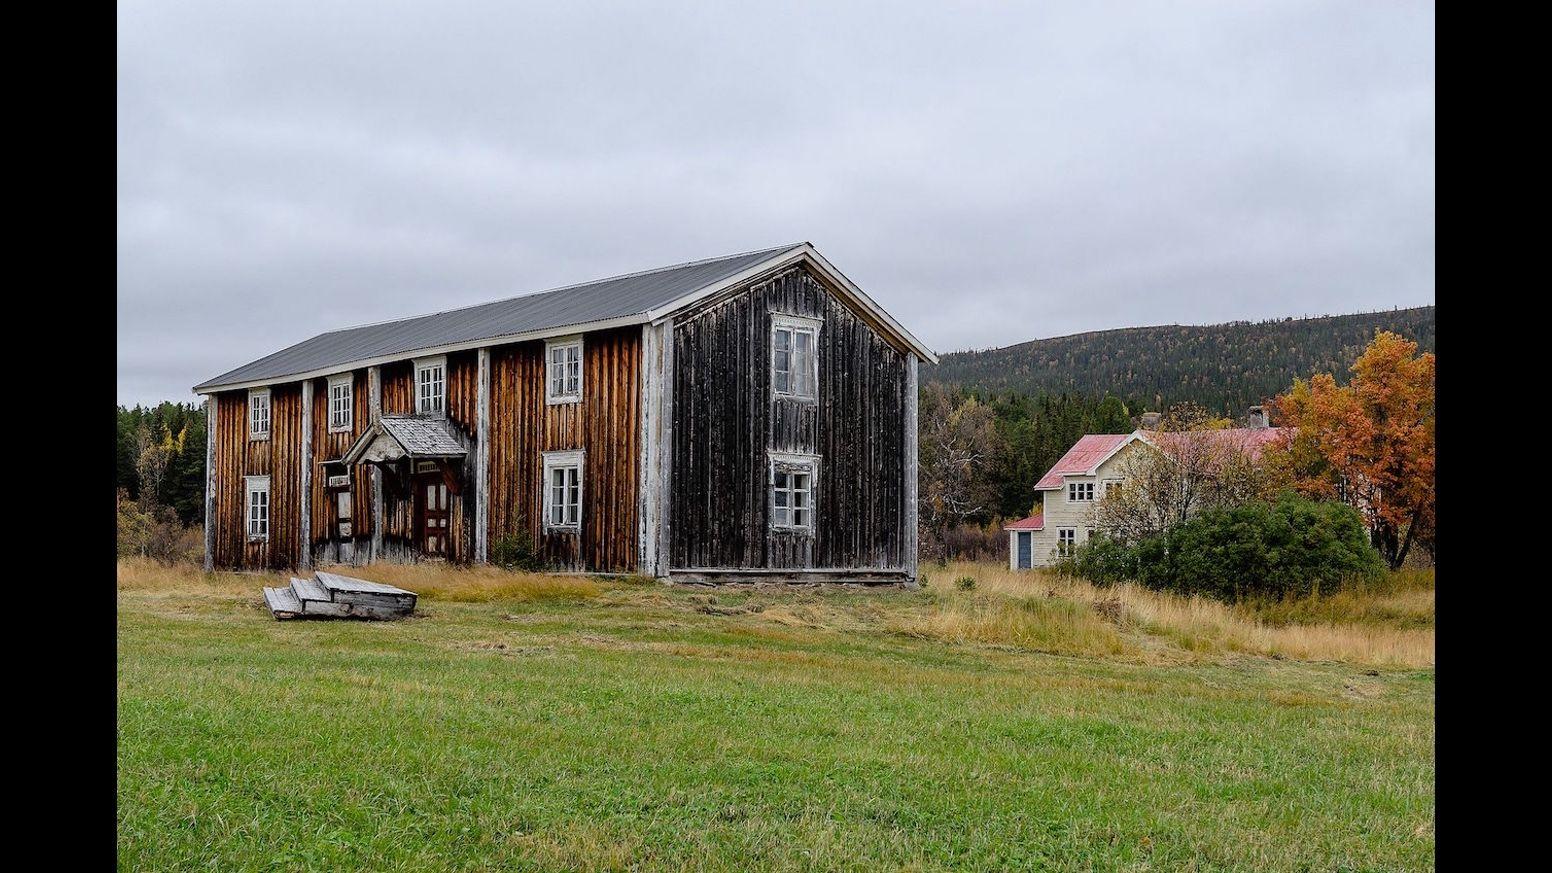 Bostadsbrist i Sverige? PÃ¥ den svenska landsbygden finns ju ...